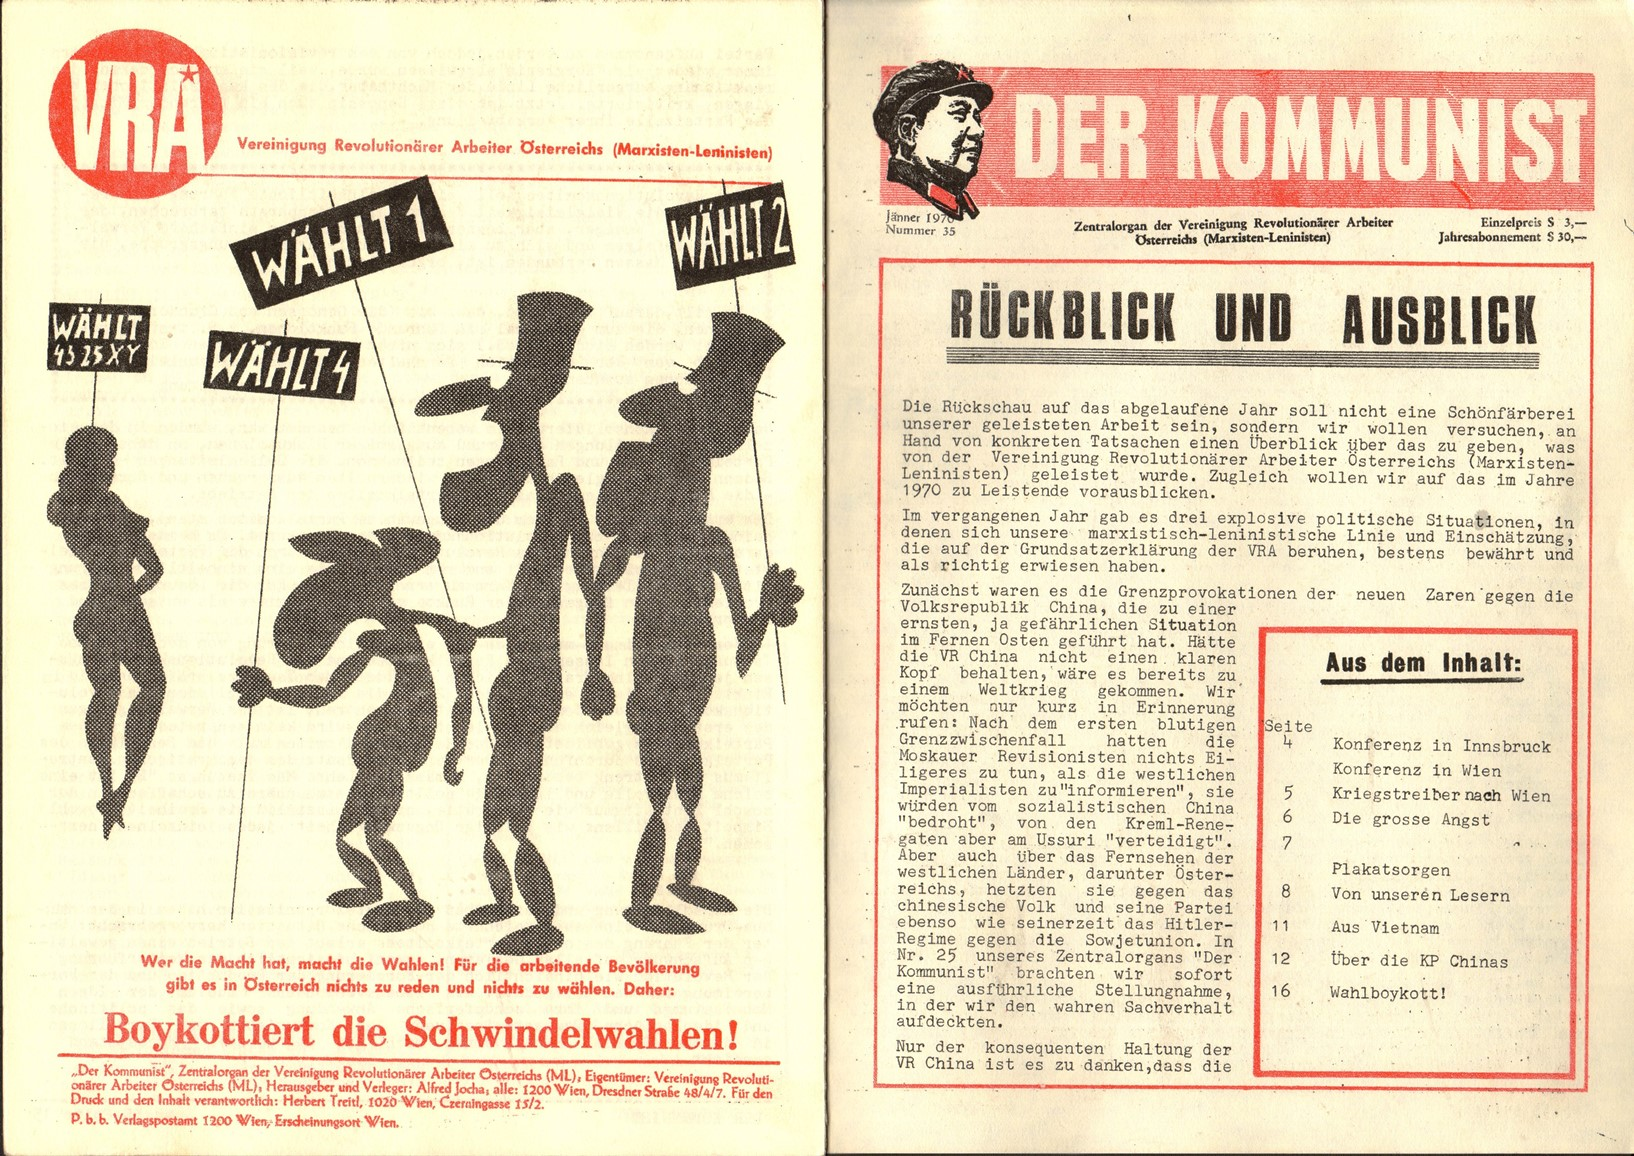 VRA_Der_Kommunist_19700100_01